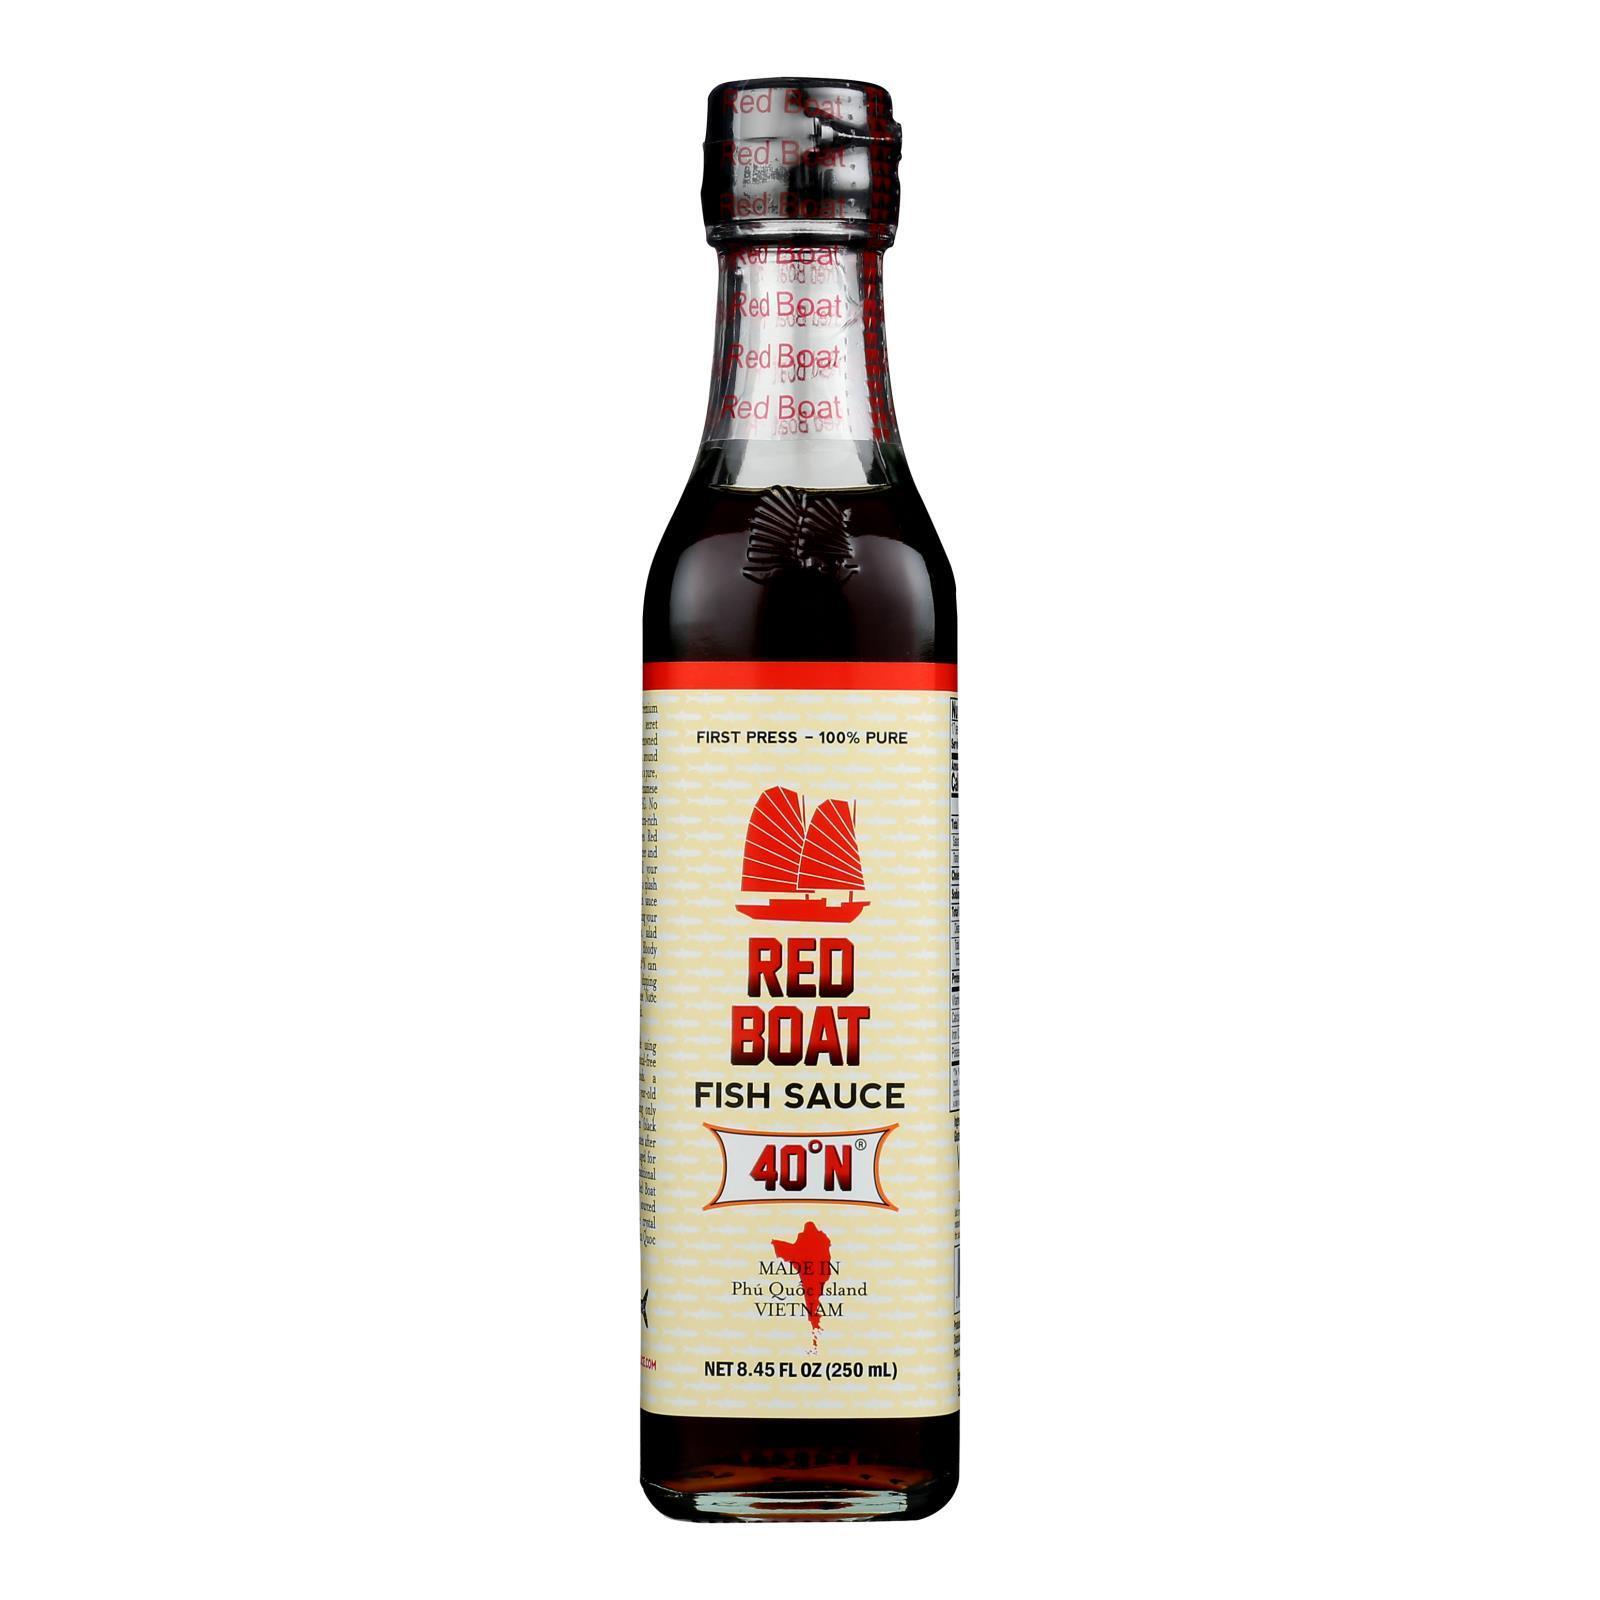 Red Boat Fish Sauce Premium Fish Sauce - Case of 6 - 250 ml